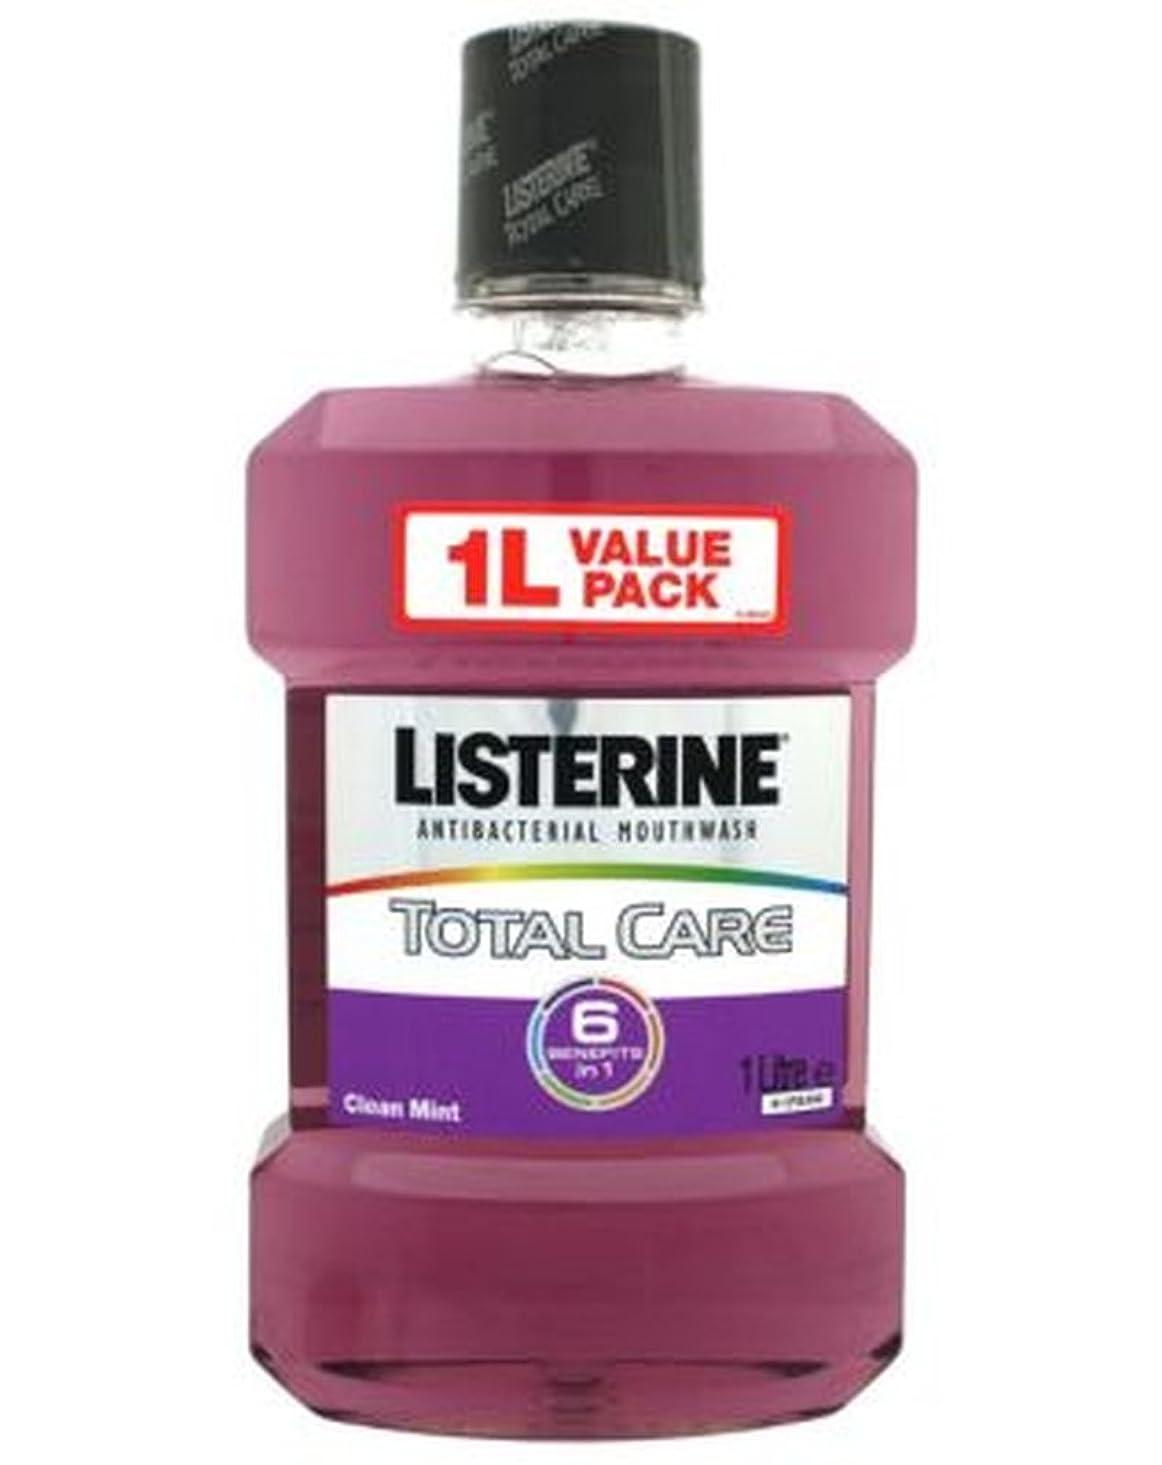 机摩擦宿題リステリン(LISTERINE) トータルケアマウスウォッシュ1リットル[並行輸入品]